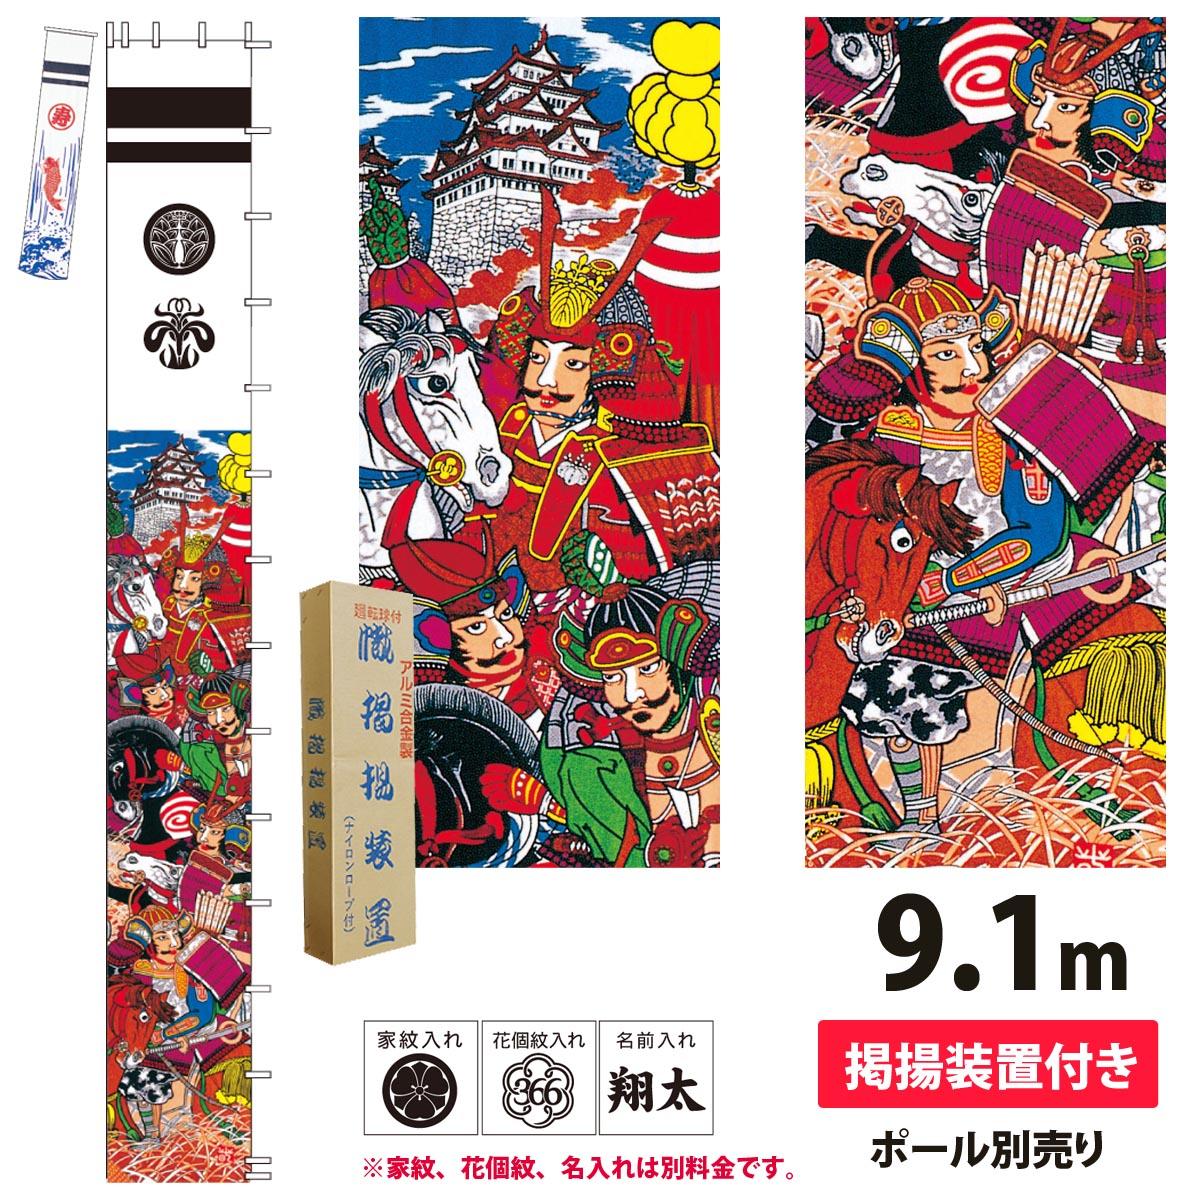 節句幟 庭用 友禅 太閤秀吉セット 9.1m×幅105cm 掲揚装置付徳永鯉のぼり NOT-O-150-690